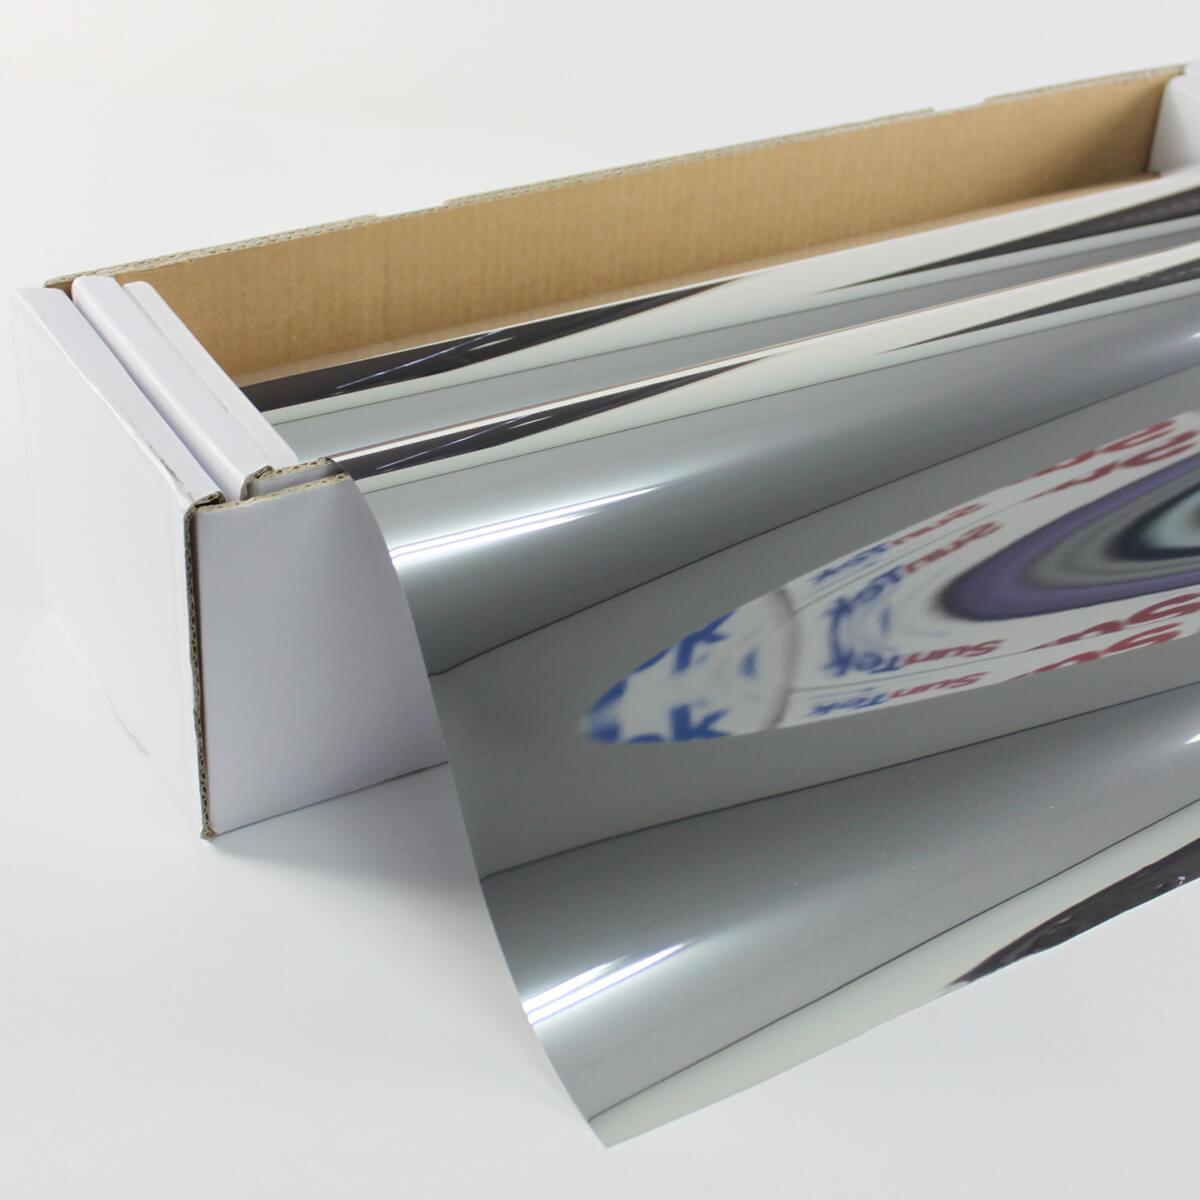 送料無料 ウィンドウフィルム 窓ガラスフィルム リアルミラー 両面不透明ミラーフィルム 1.5m幅×30mロール箱売 完全不透明フィルム プライバシーフィルム 遮熱フィルム 断熱フィルム UVカットフィルム ブレインテック Braintec